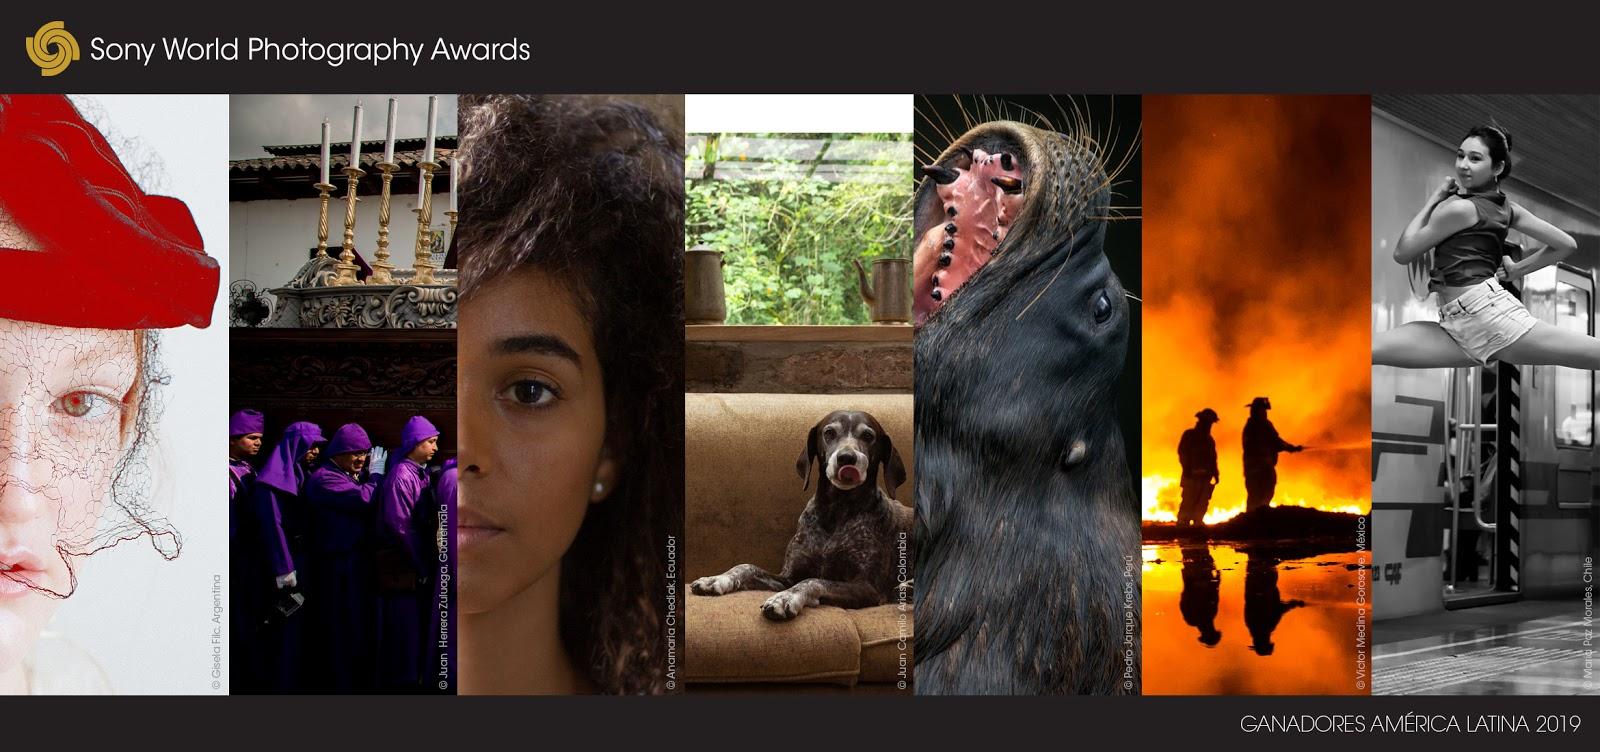 Los Sony World Photography Awards reconocen a los fotógrafos Latinoamericanos con un nuevo premio y una exposición exclusiva